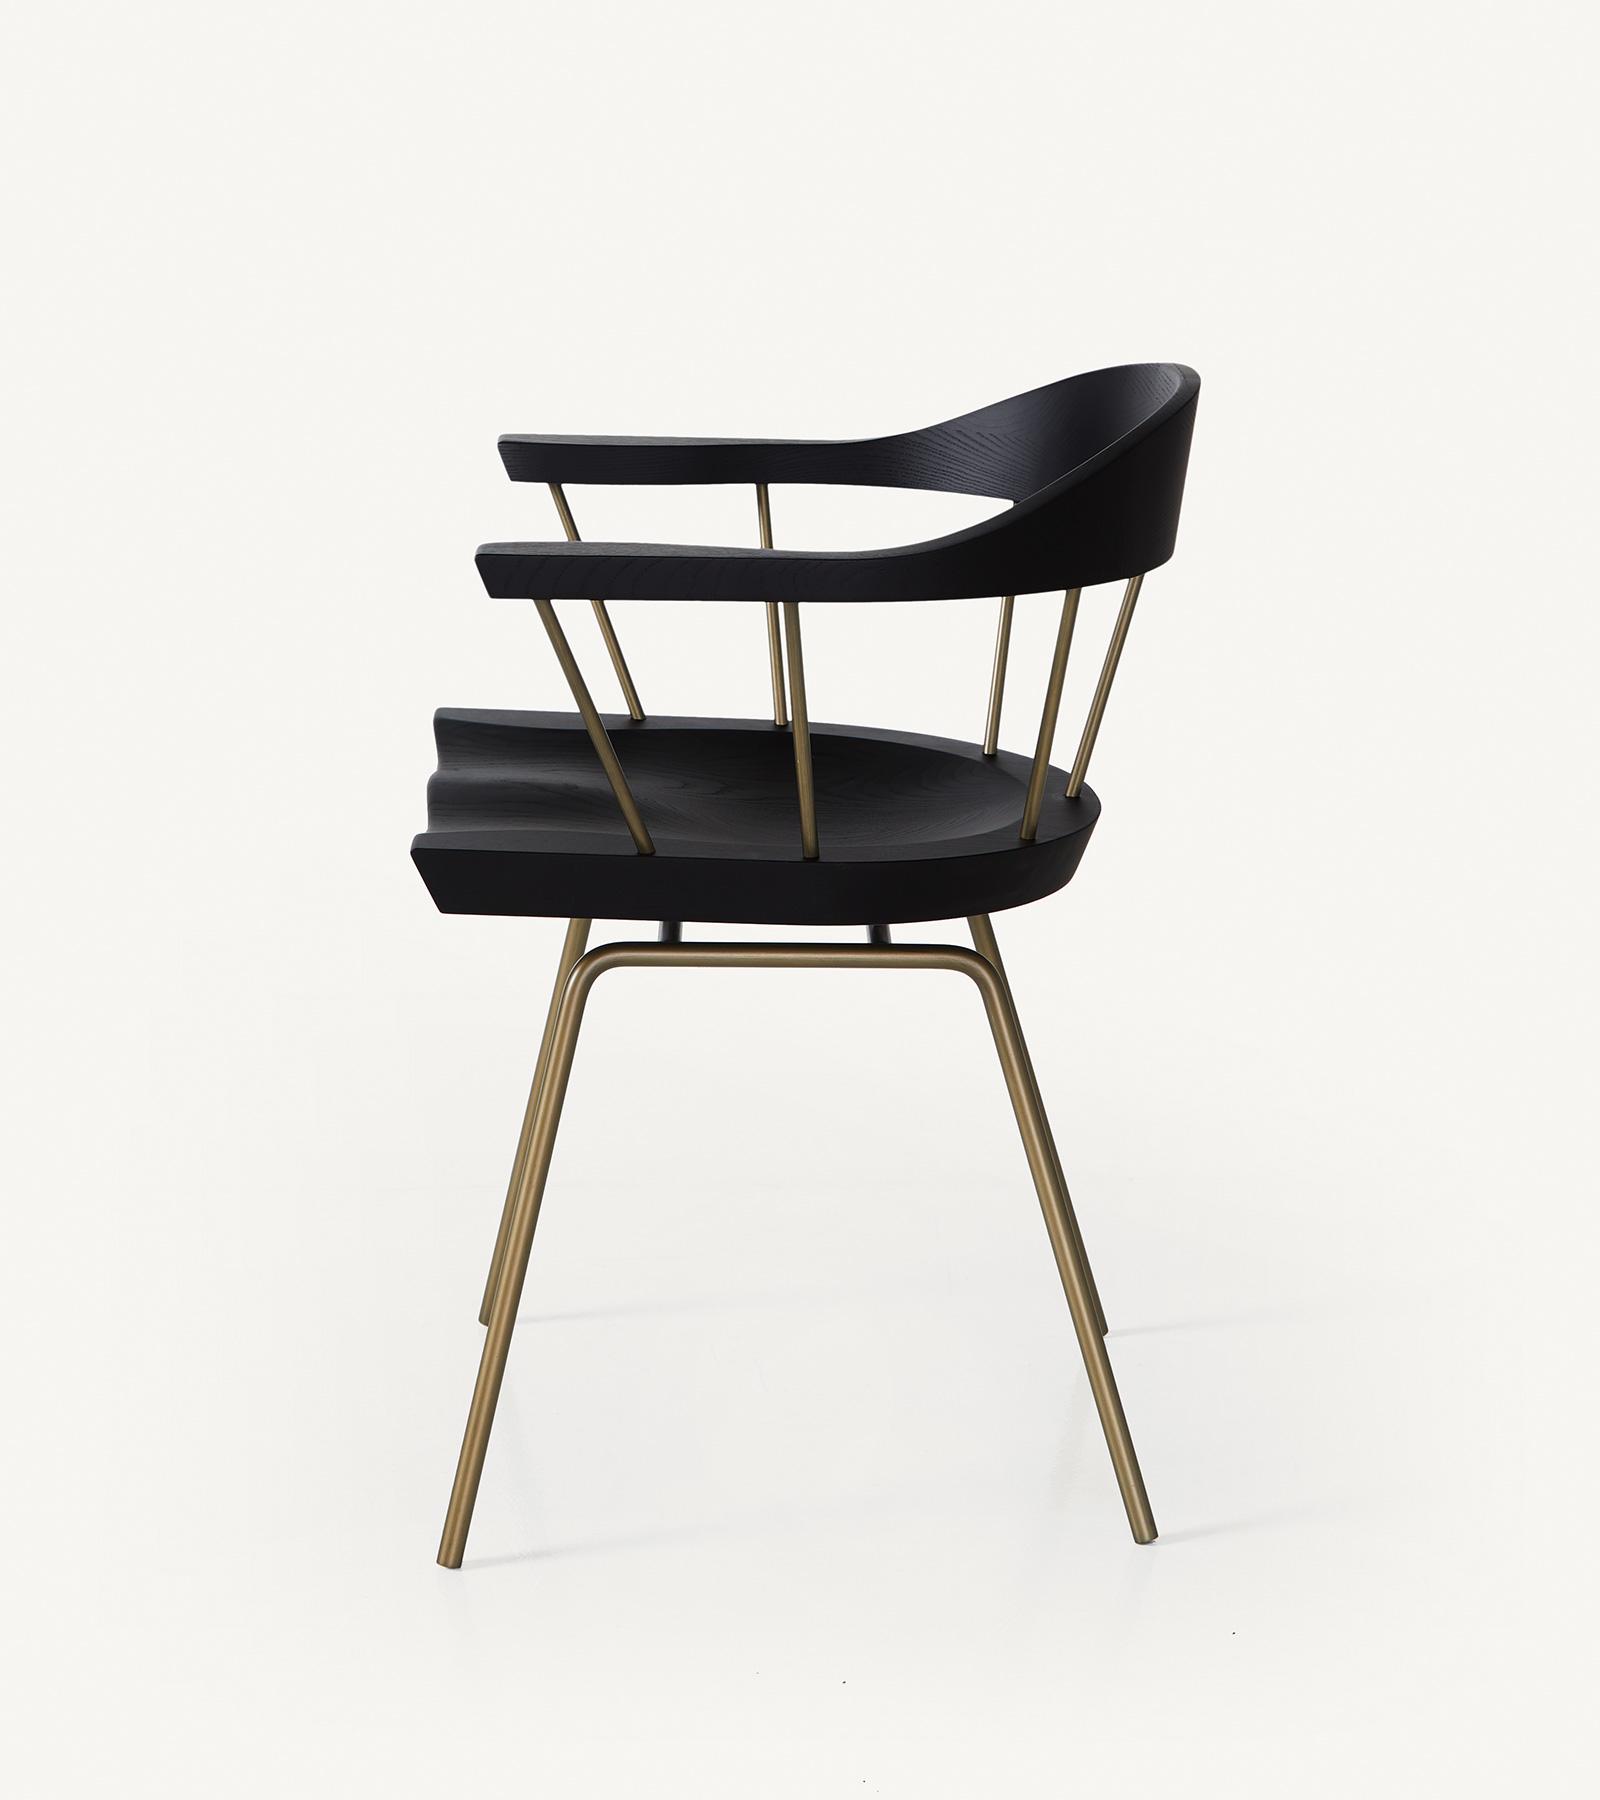 TinnappleMetz-bassamfellows-Spindle-Side-Chair-04